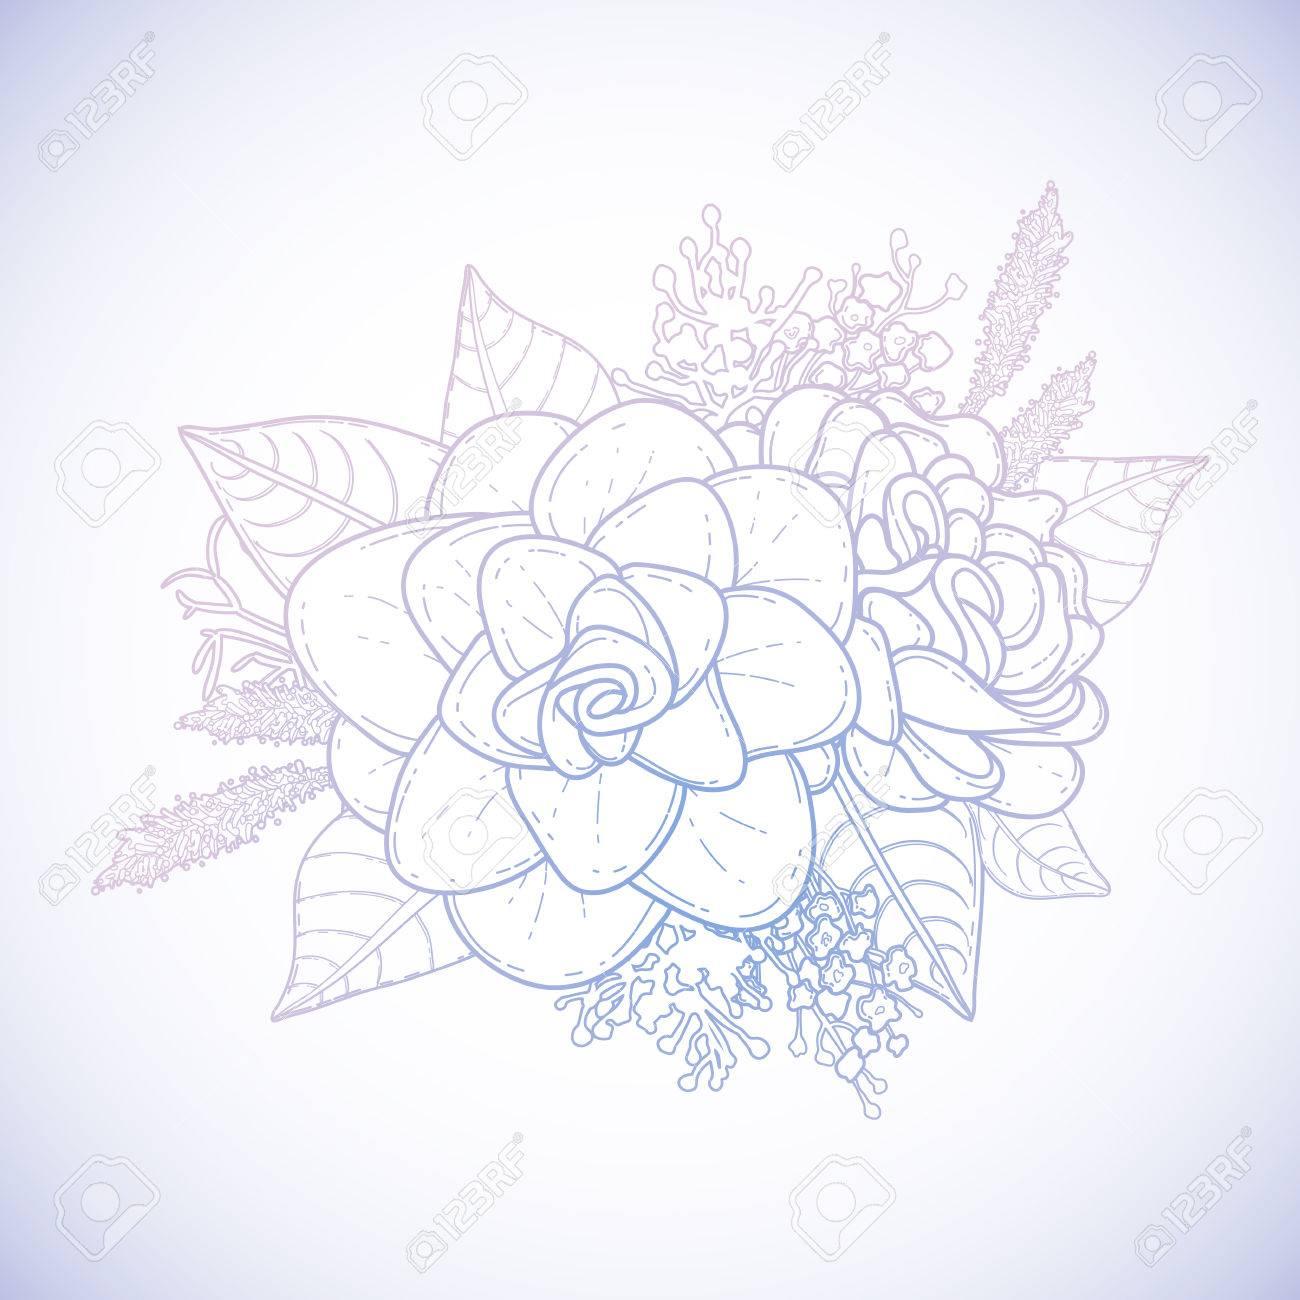 Tarjeta Floral Gráfico. Vector Aislado Hojas Y Flores En Una Viñeta ...